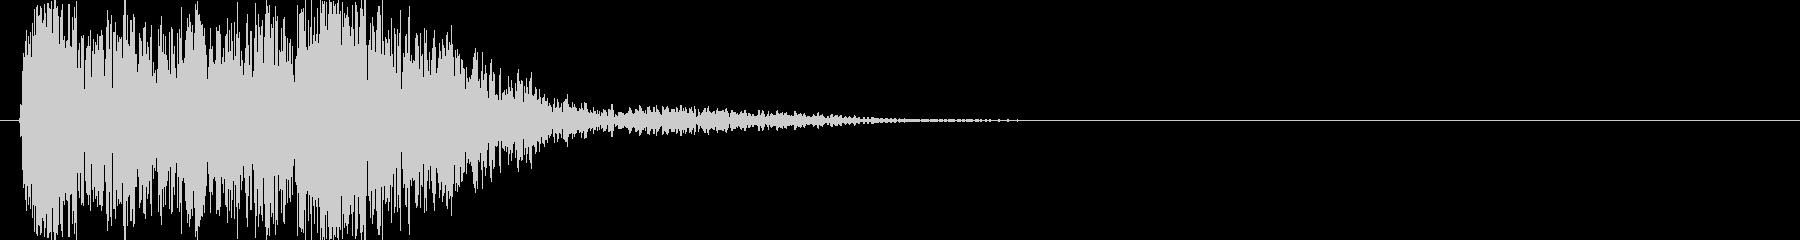 ゲーム、クイズ(不正解)_006の未再生の波形